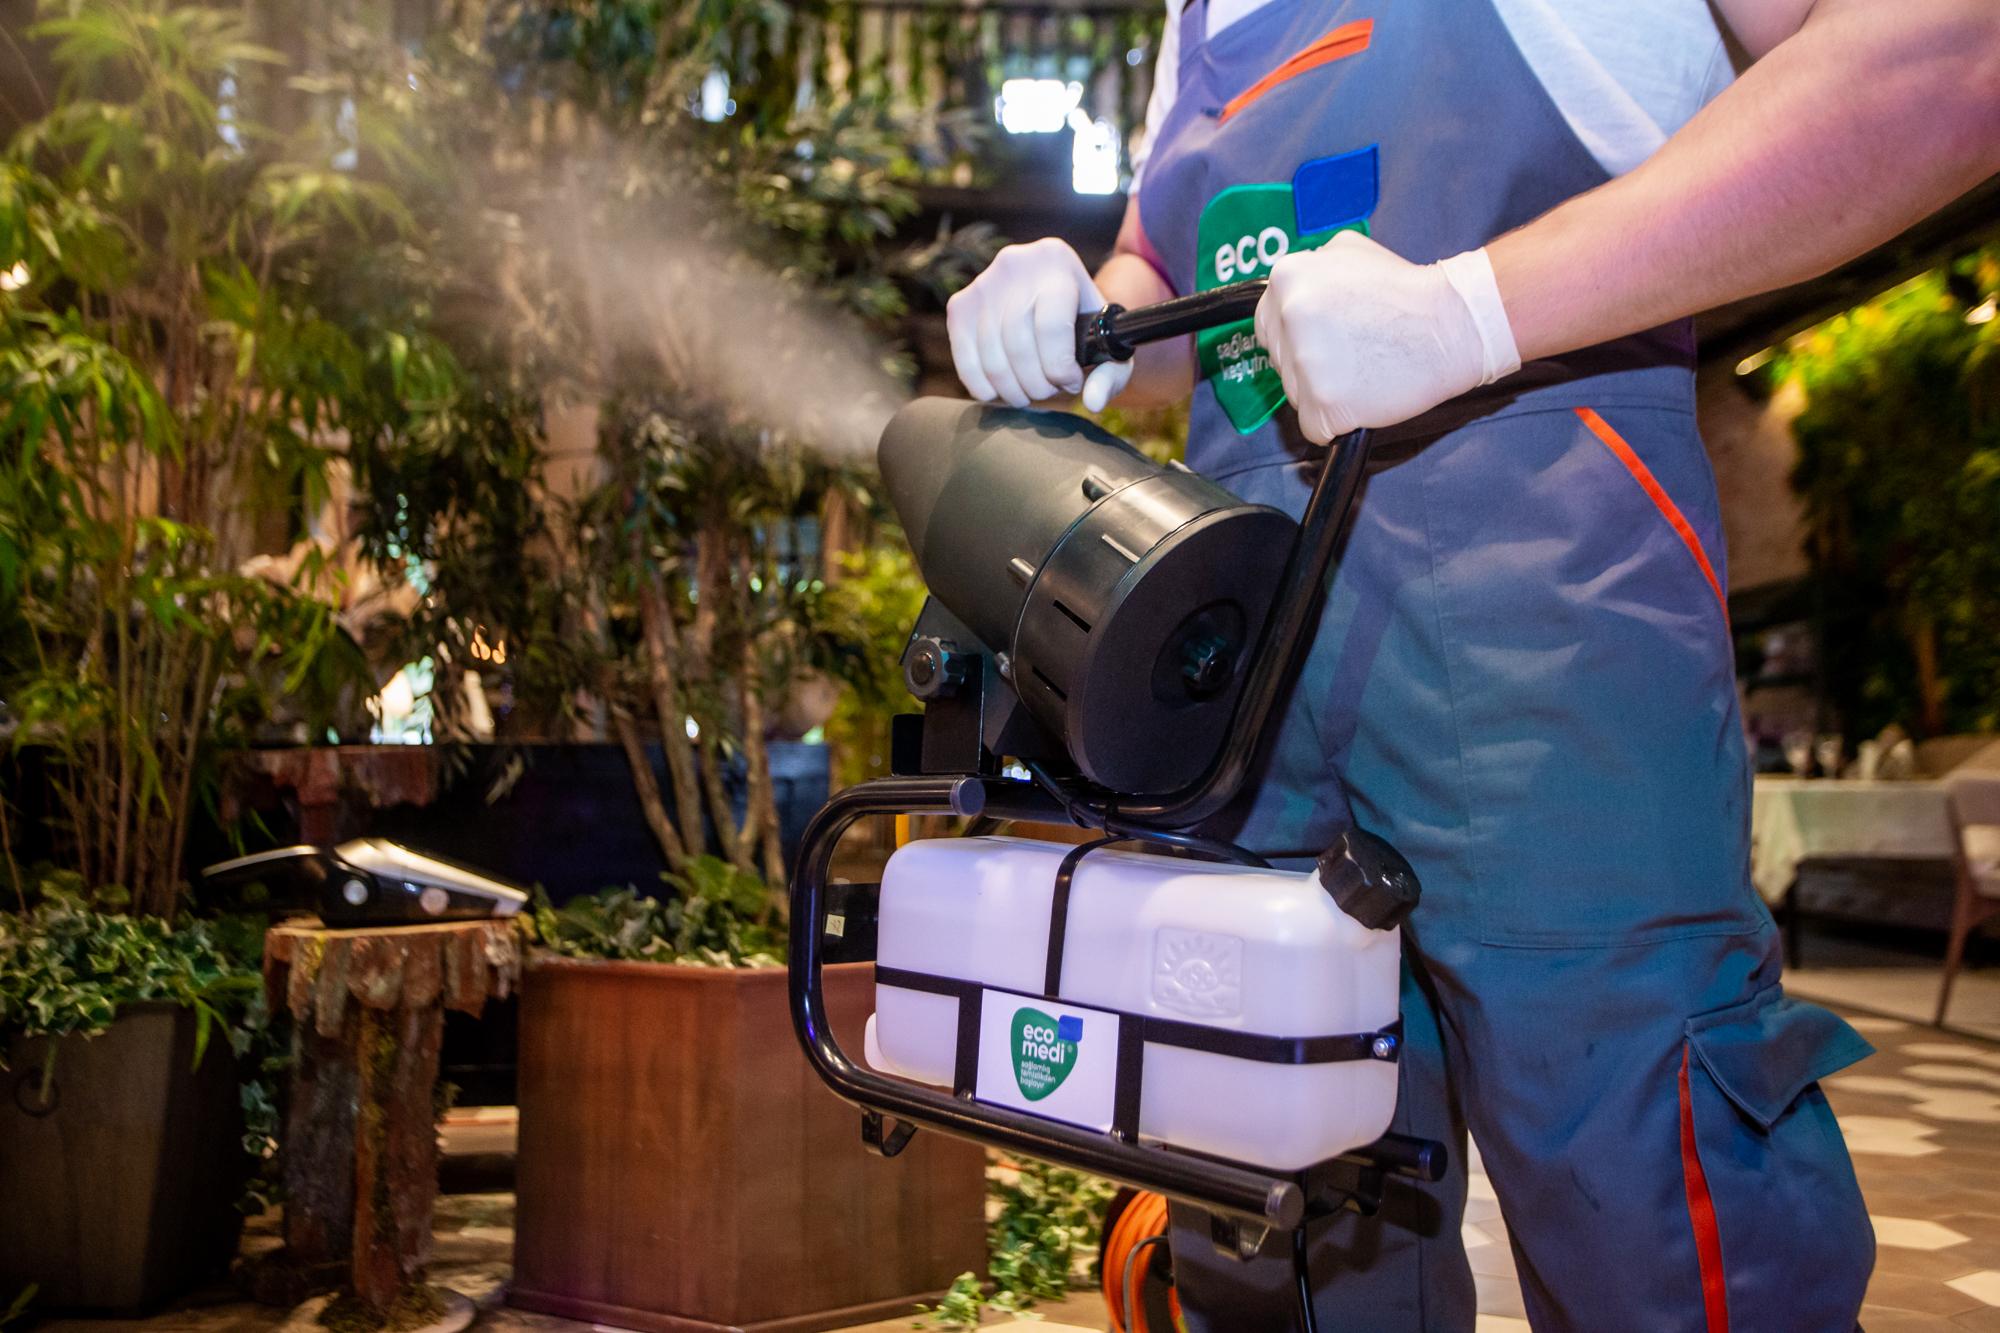 BeeArif by MyDom - Sağlamlıq təmizlikdən başlayır - EcoMedi MMC dezinfeksiya, dezinseksiya, deratizasiya, fumiqasiya işlərinin həyata keçirilməsi üzrə qabaqcıl şirkətdir.